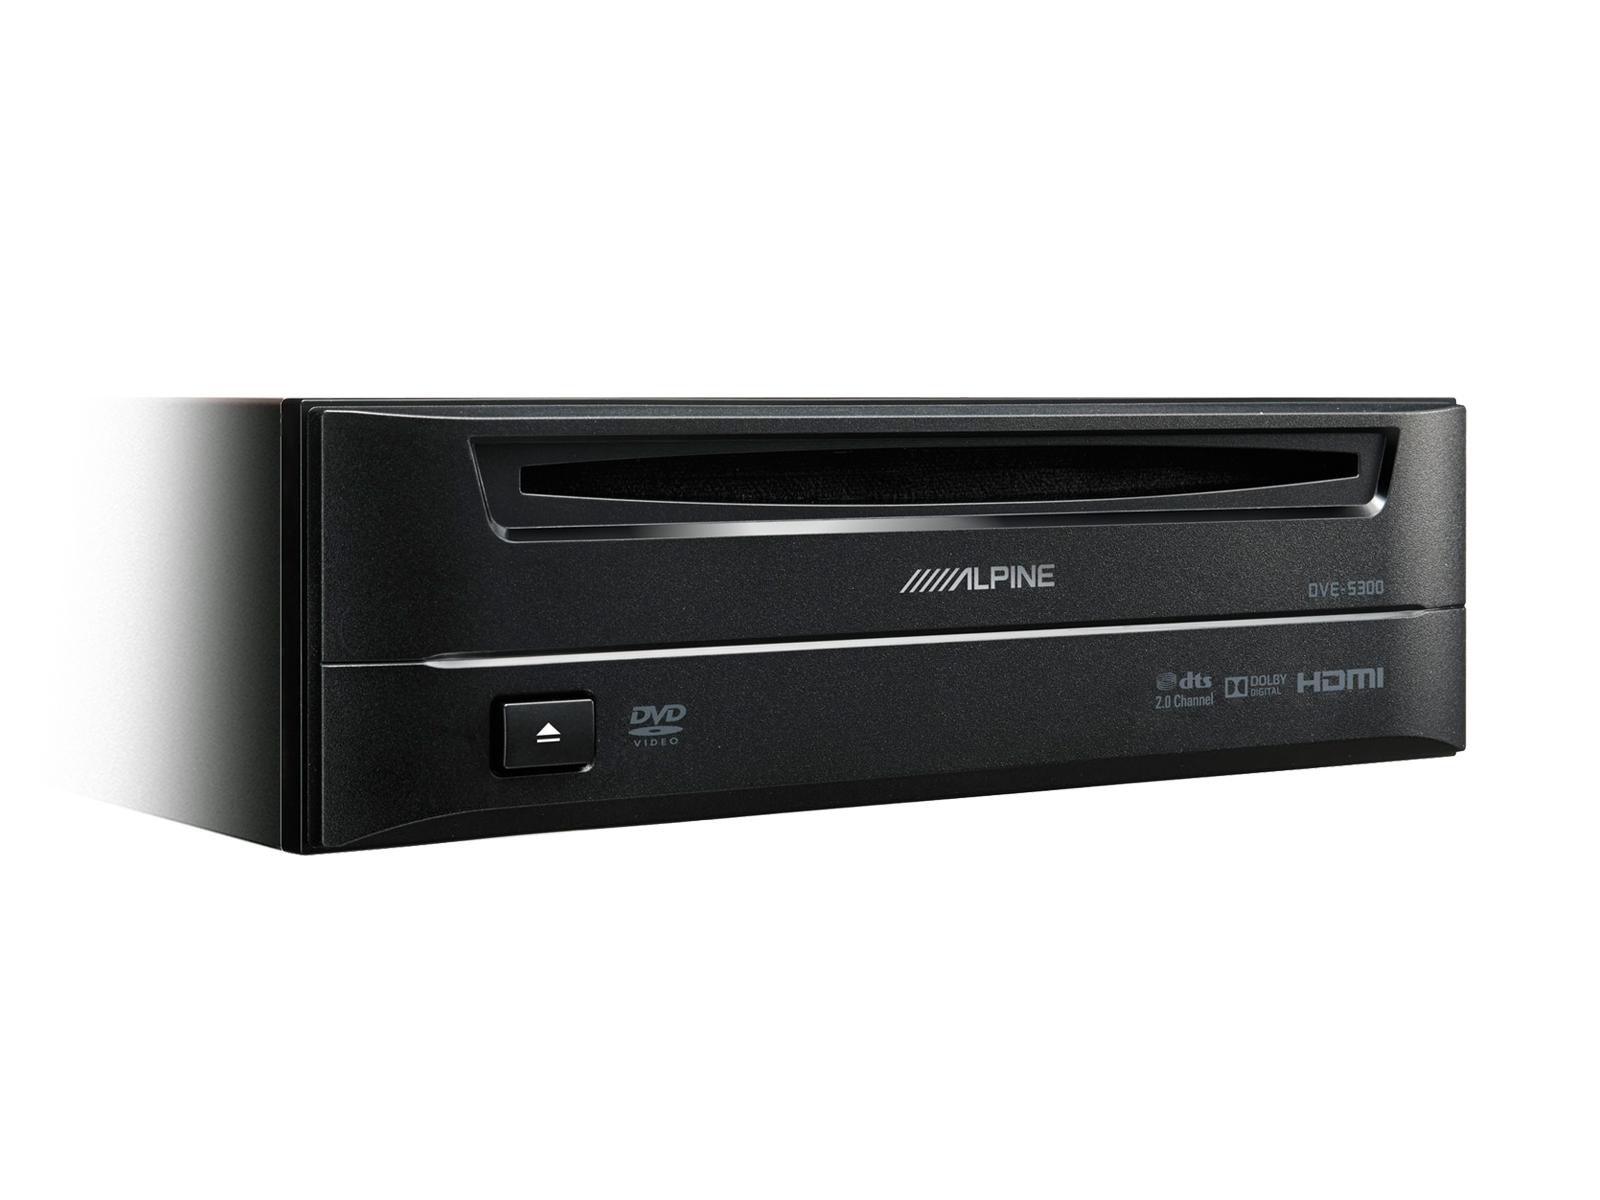 externer dvd player f r ine w710d x802d u und x902d. Black Bedroom Furniture Sets. Home Design Ideas